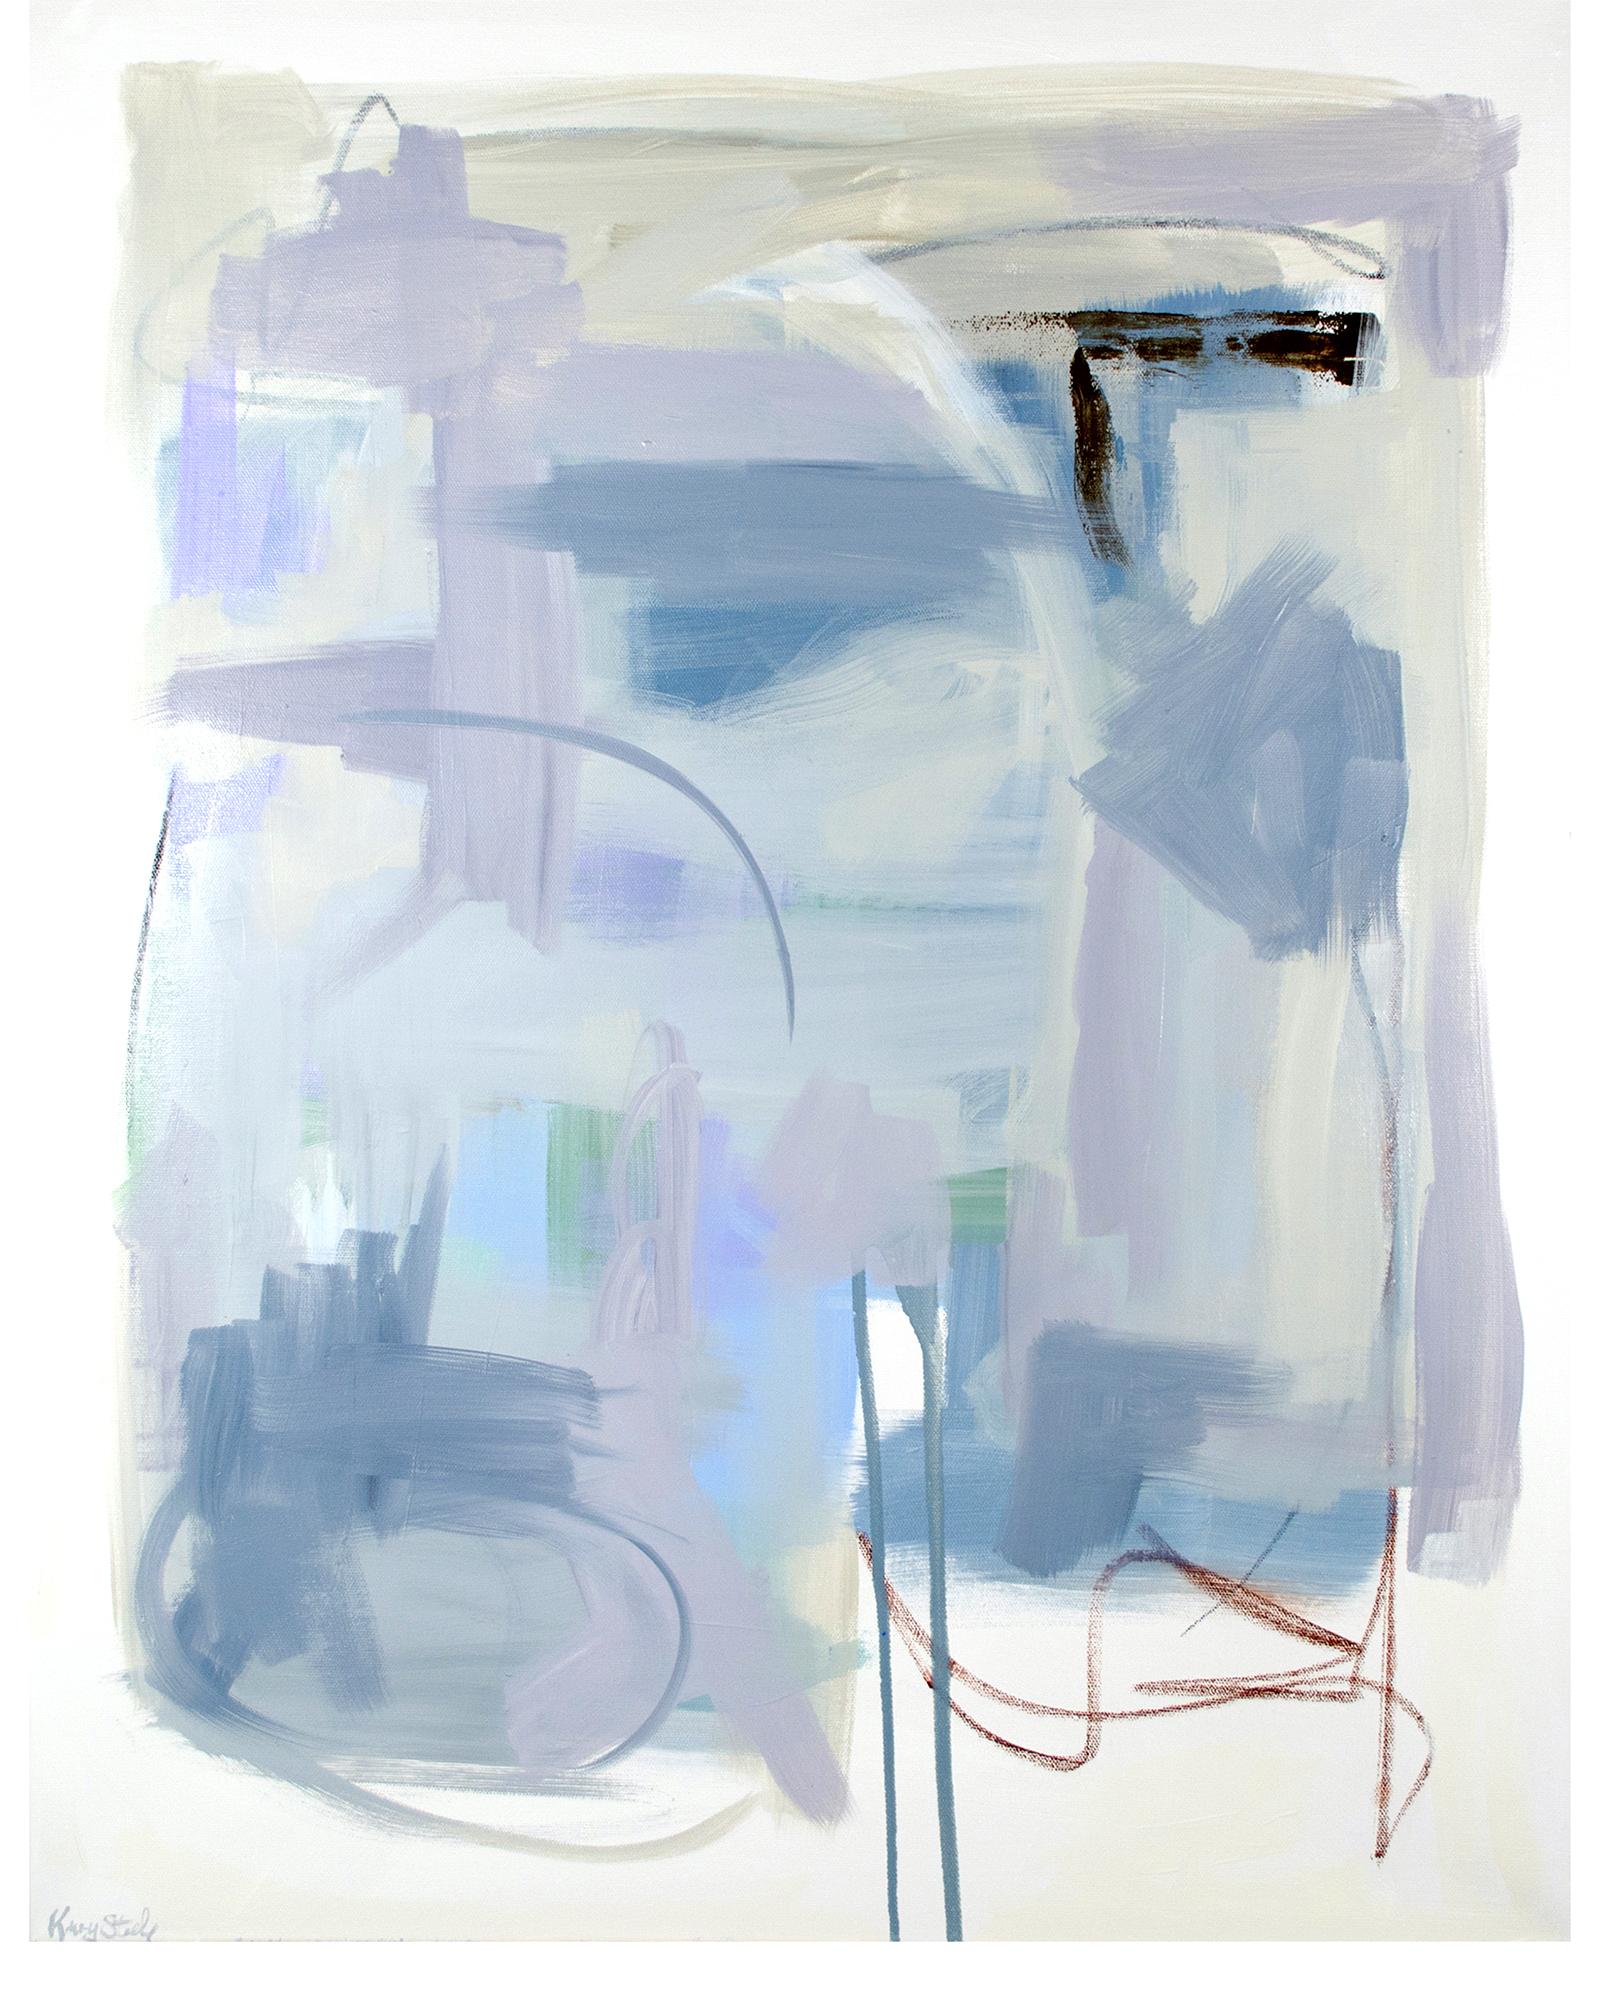 ART-07521_1